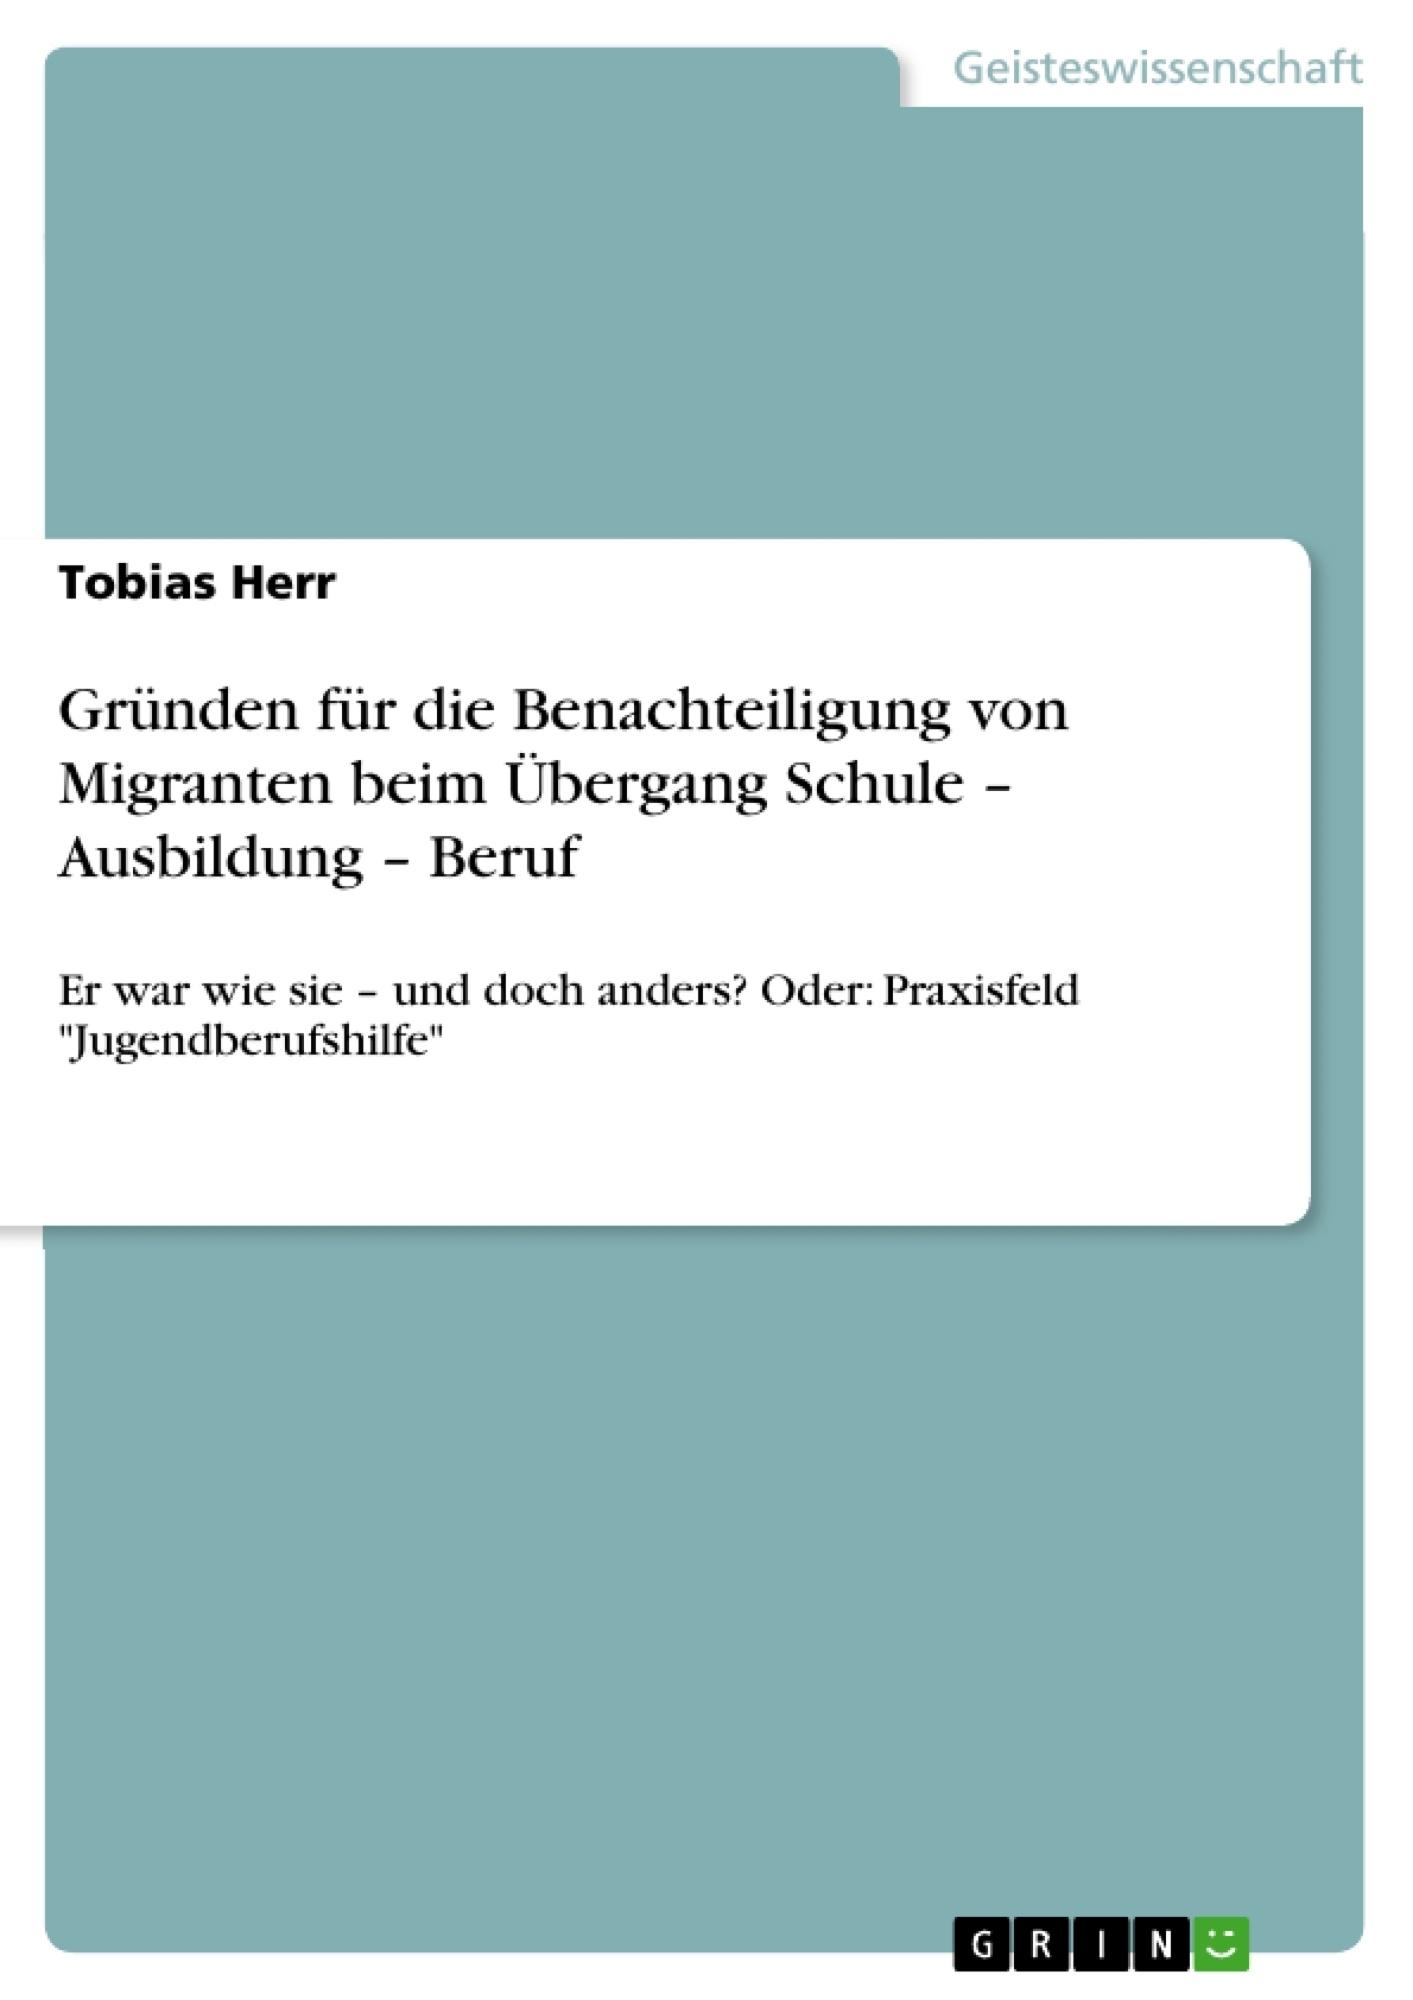 Titel: Gründen für die Benachteiligung von Migranten beim Übergang Schule – Ausbildung – Beruf